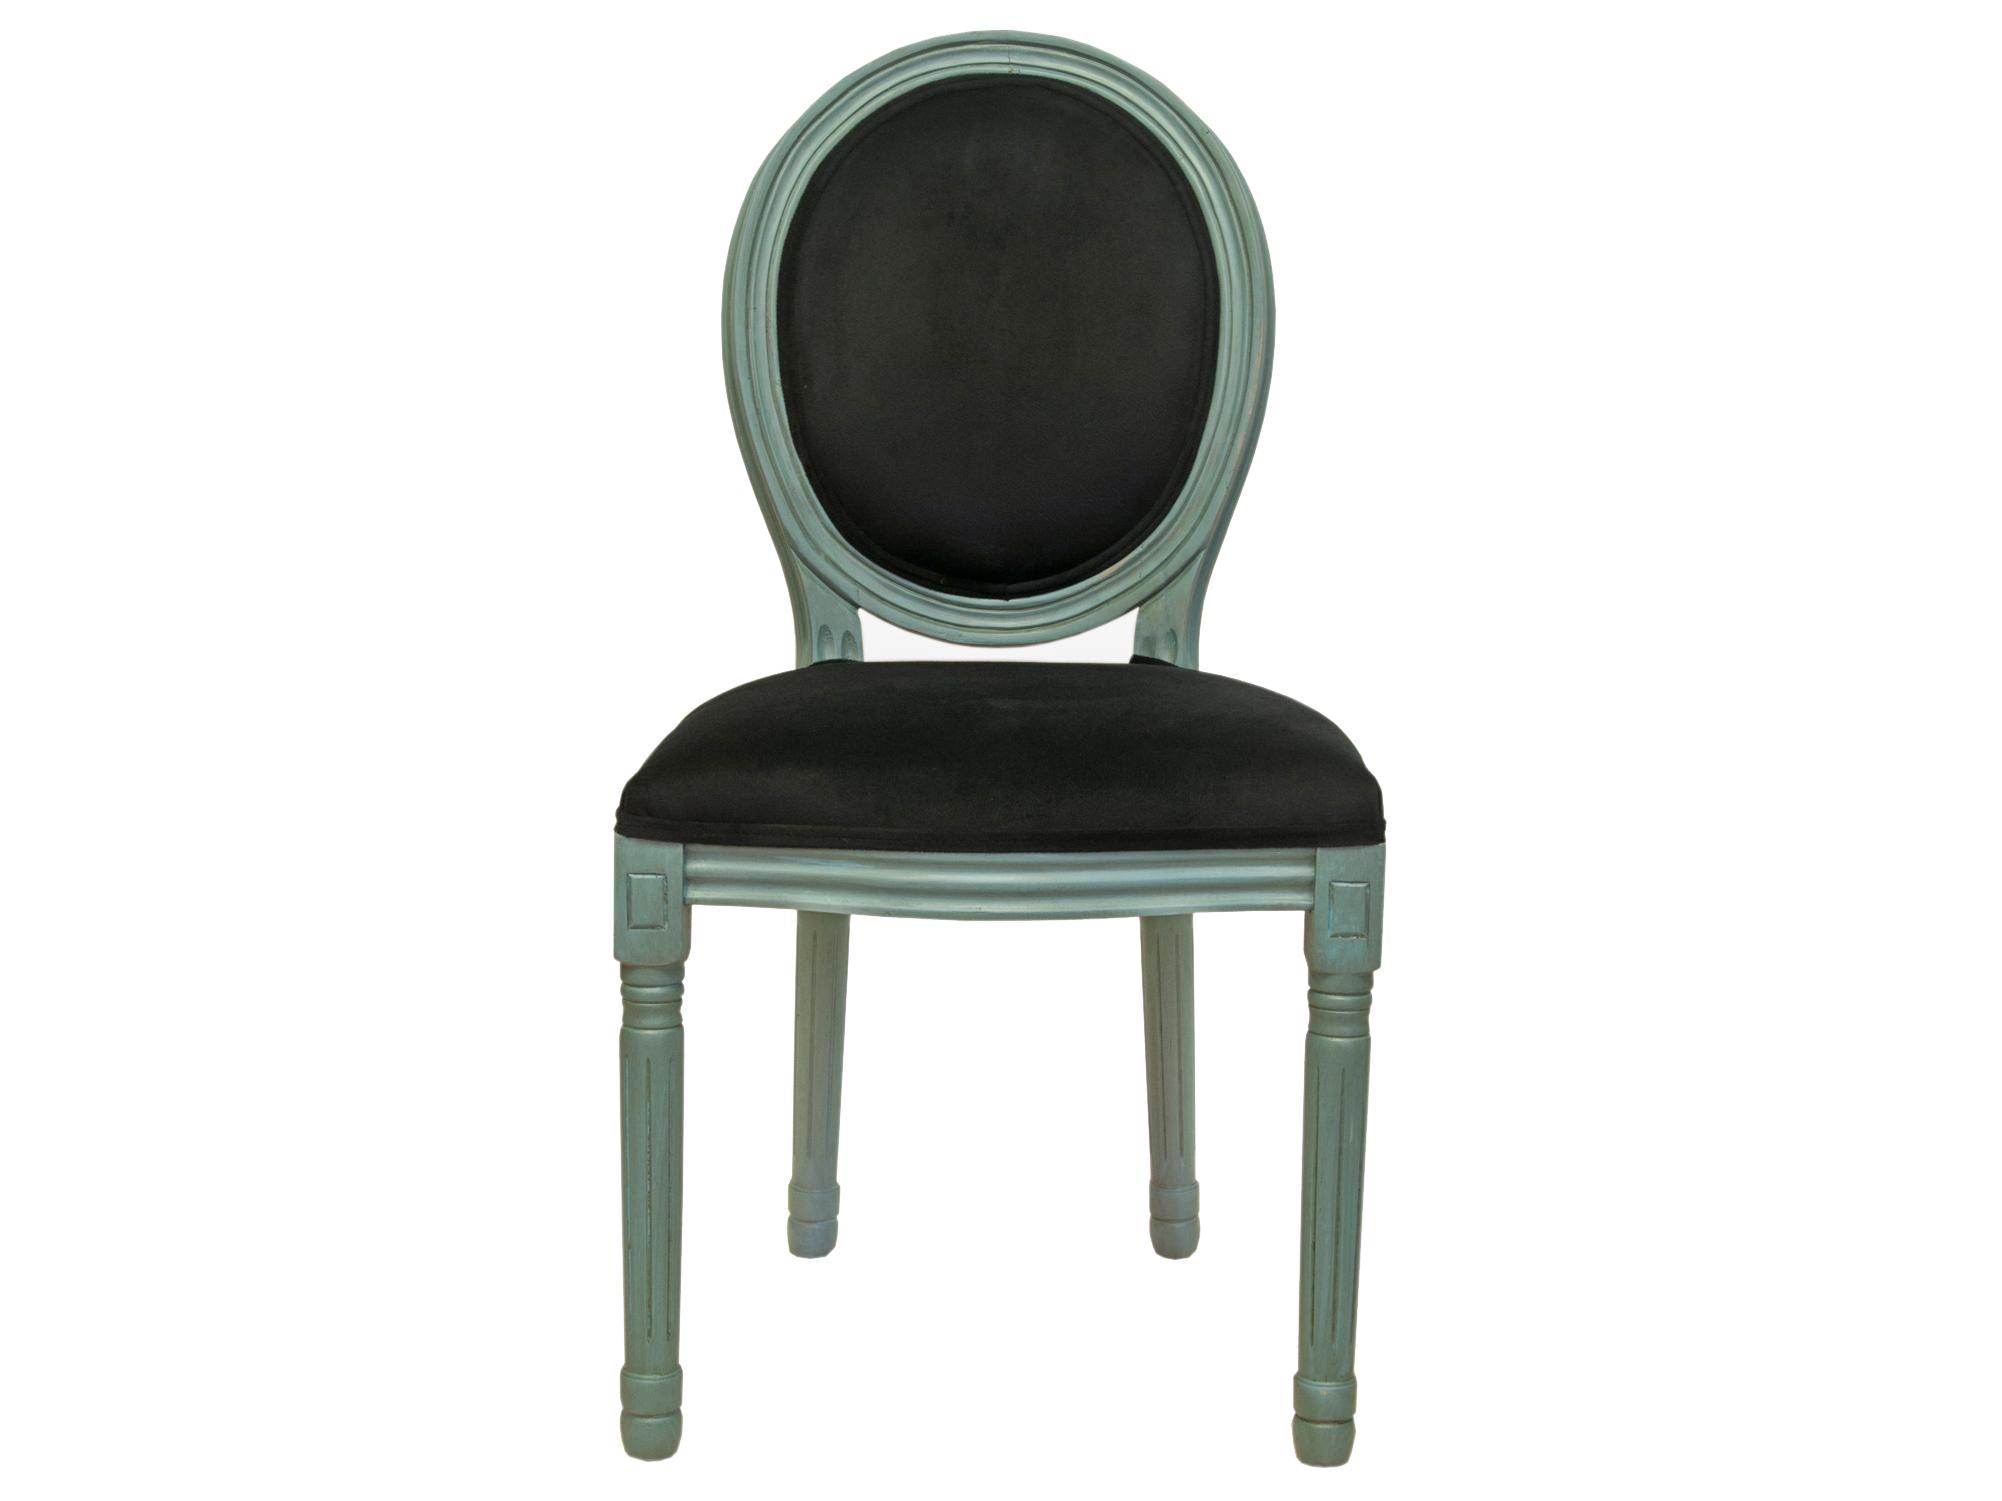 Стул VolkerОбеденные стулья<br>Cтул Volker с округлой спинкой напоминающей медальон, выполнен в элегантном классическом французском стиле. Основание модели выполнено из цельной породы древесины - массив каучукового дерева, выкрашенного в зеленовато голубой цвет, искуственно состаренного. Такой стул эффектно смотрится как в контрастной, так и в однотонной обстановке.&amp;amp;nbsp;&amp;lt;div&amp;gt;&amp;lt;br&amp;gt;&amp;lt;/div&amp;gt;&amp;lt;div&amp;gt;Материал Велюр, Каучуковое дерево&amp;lt;/div&amp;gt;<br><br>Material: Дерево<br>Ширина см: 50<br>Высота см: 100<br>Глубина см: 54